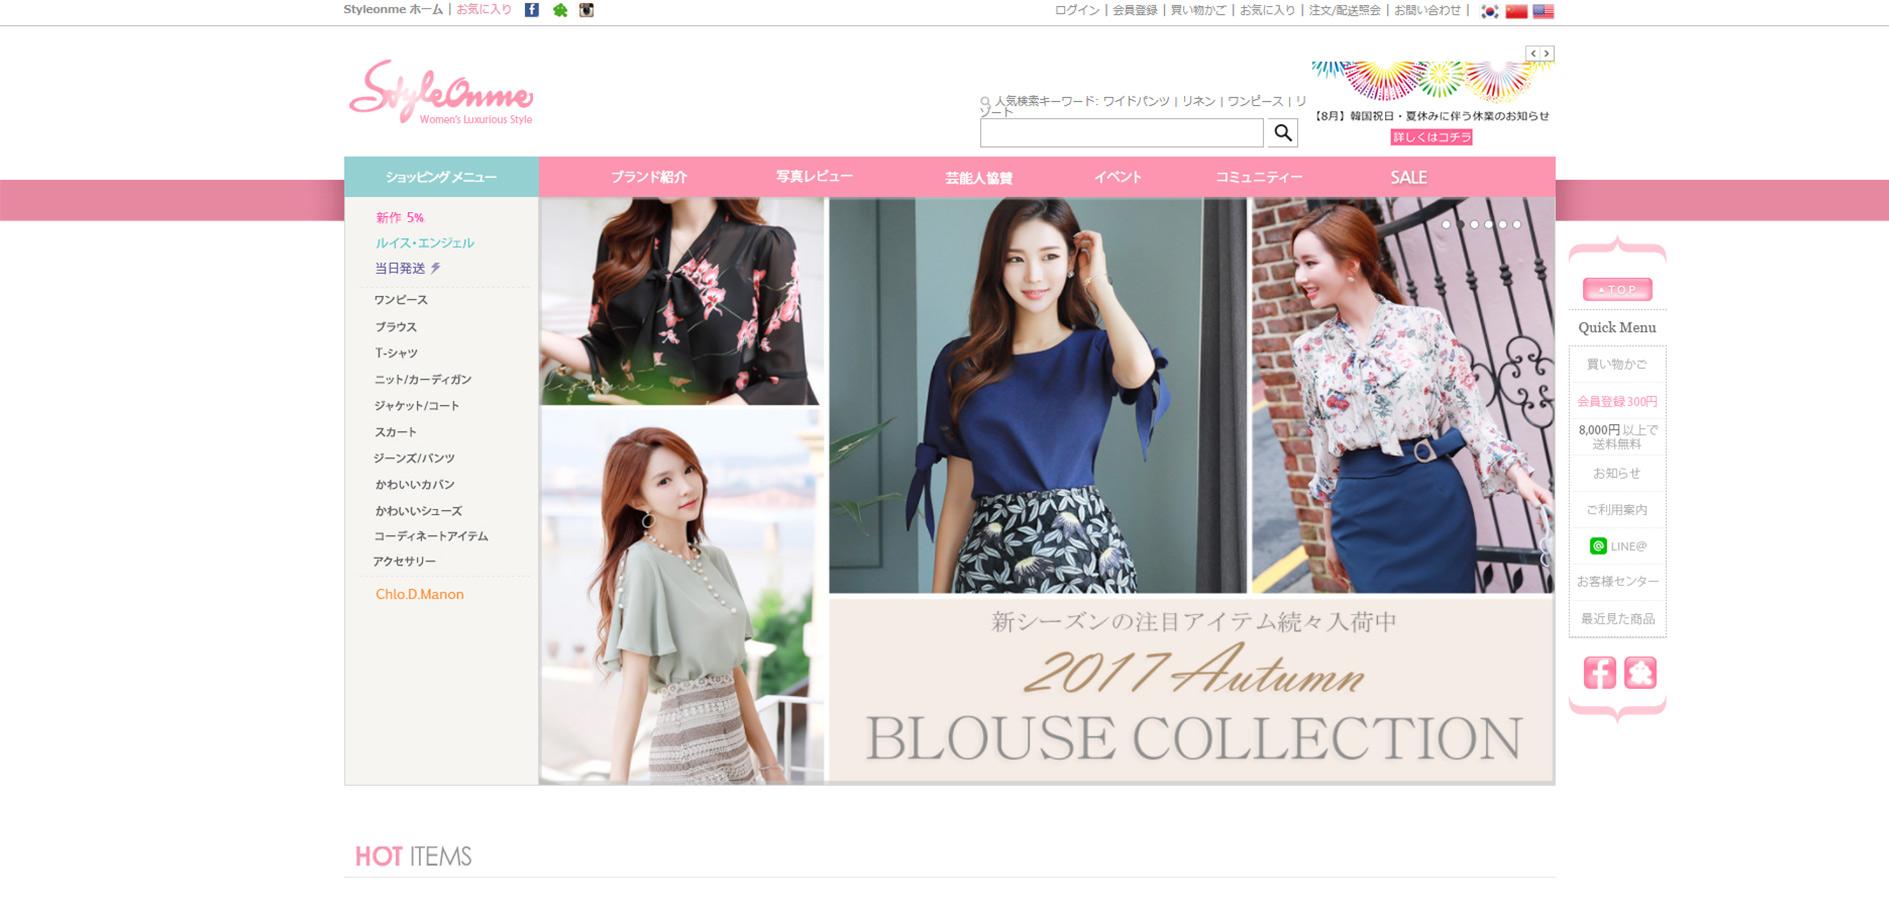 30代におすすめな韓国ファッション通販サイトのSTYLEONME(スタイルオンミ)